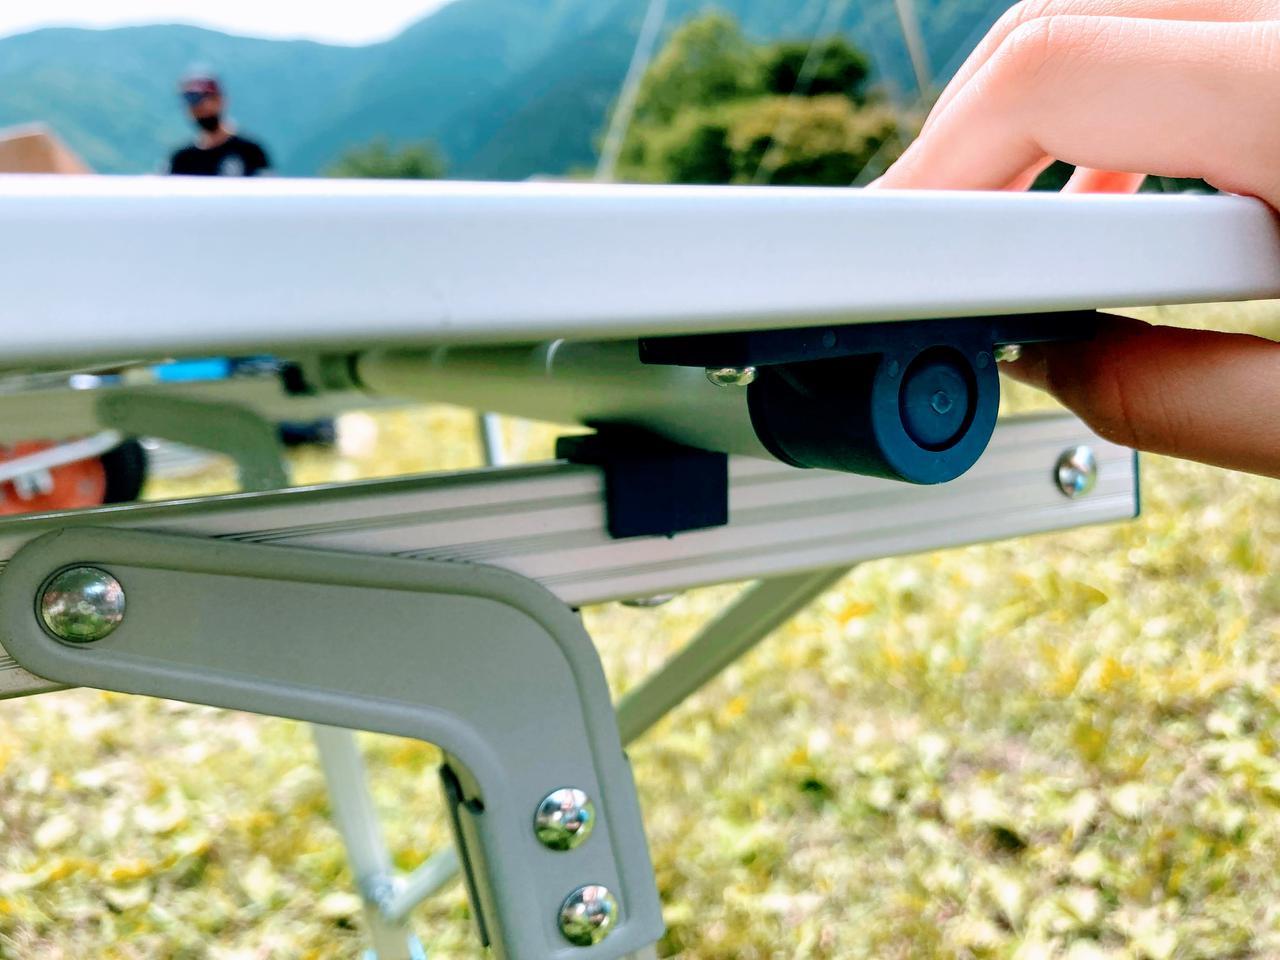 画像2: デカトロン QUECHUA (ケシュア)アルミ折りたたみテーブルは無段階調節可能だからどんな地面でもOK!ファミリーキャンプにオススメ